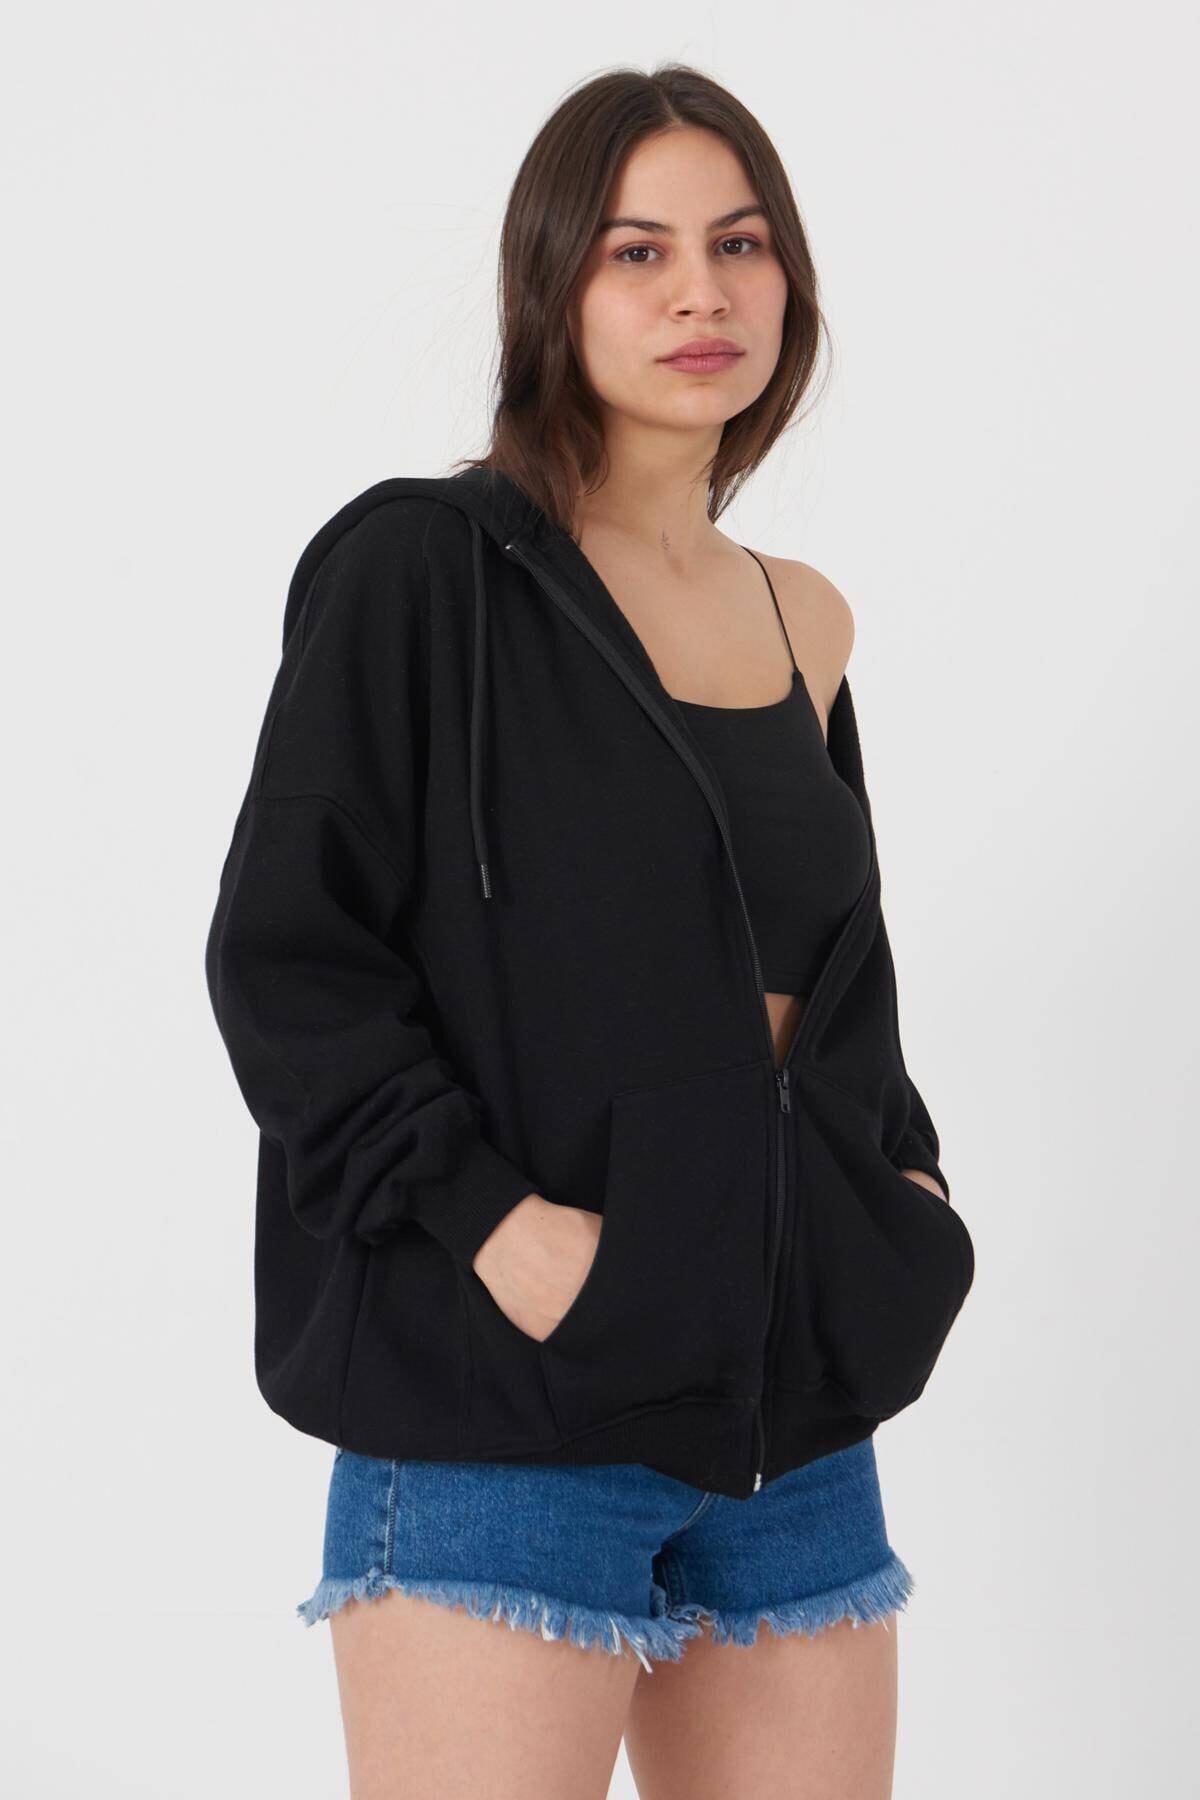 Addax Kadın Siyah Kapüşonlu Uzun Hırka H0725 - W6 - W7 ADX-0000020316 1